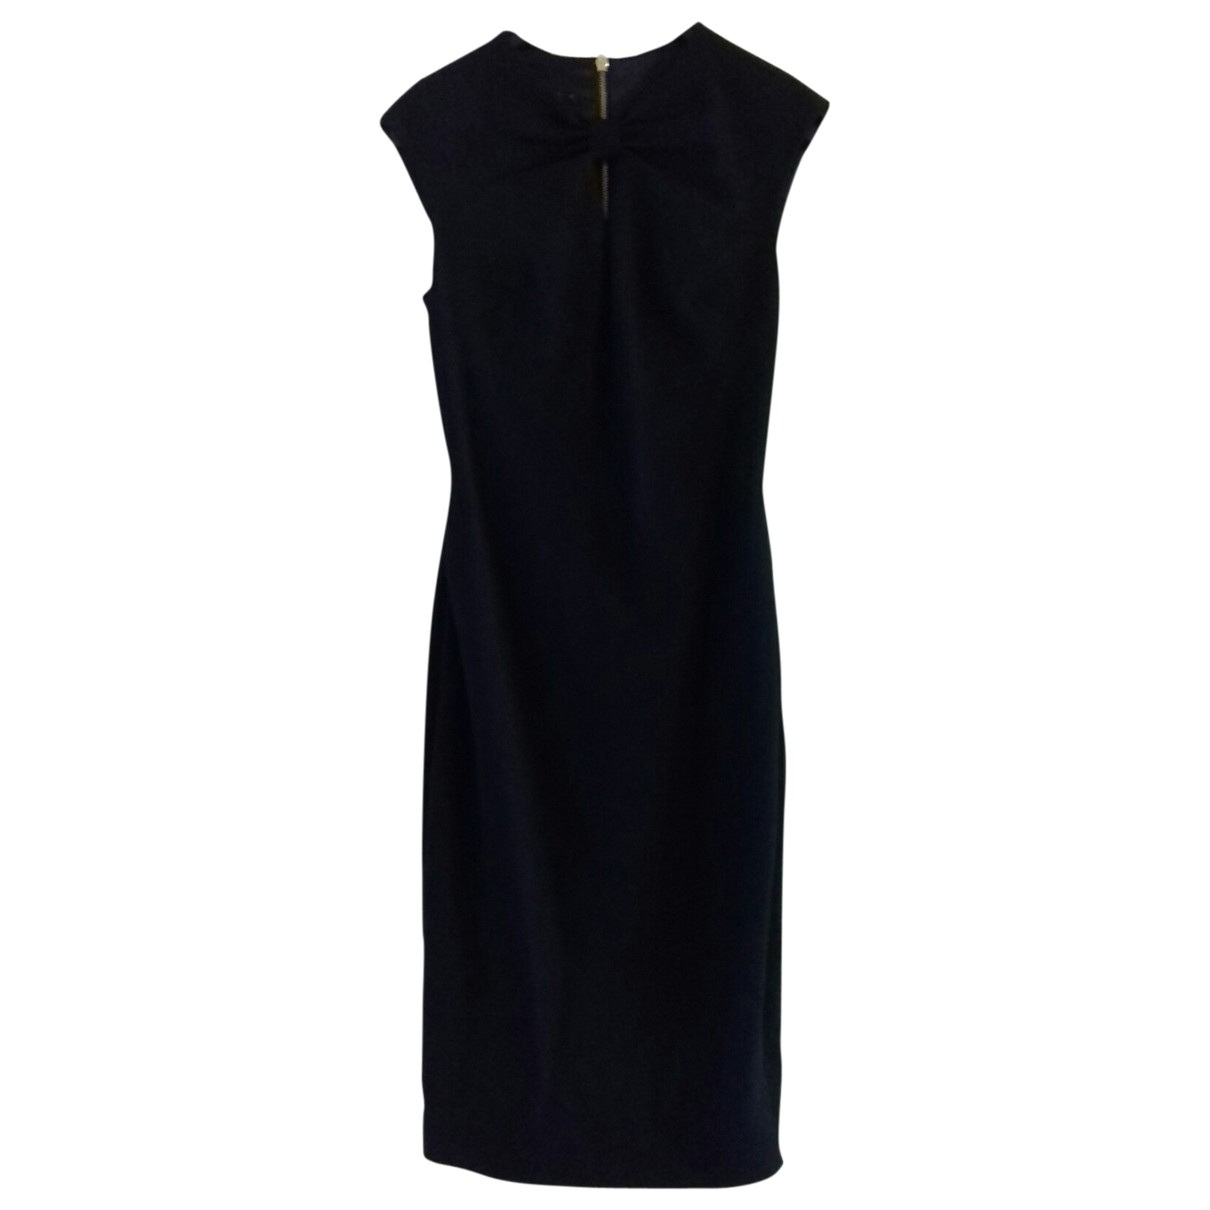 Ted Baker \N Navy dress for Women 1 0-5